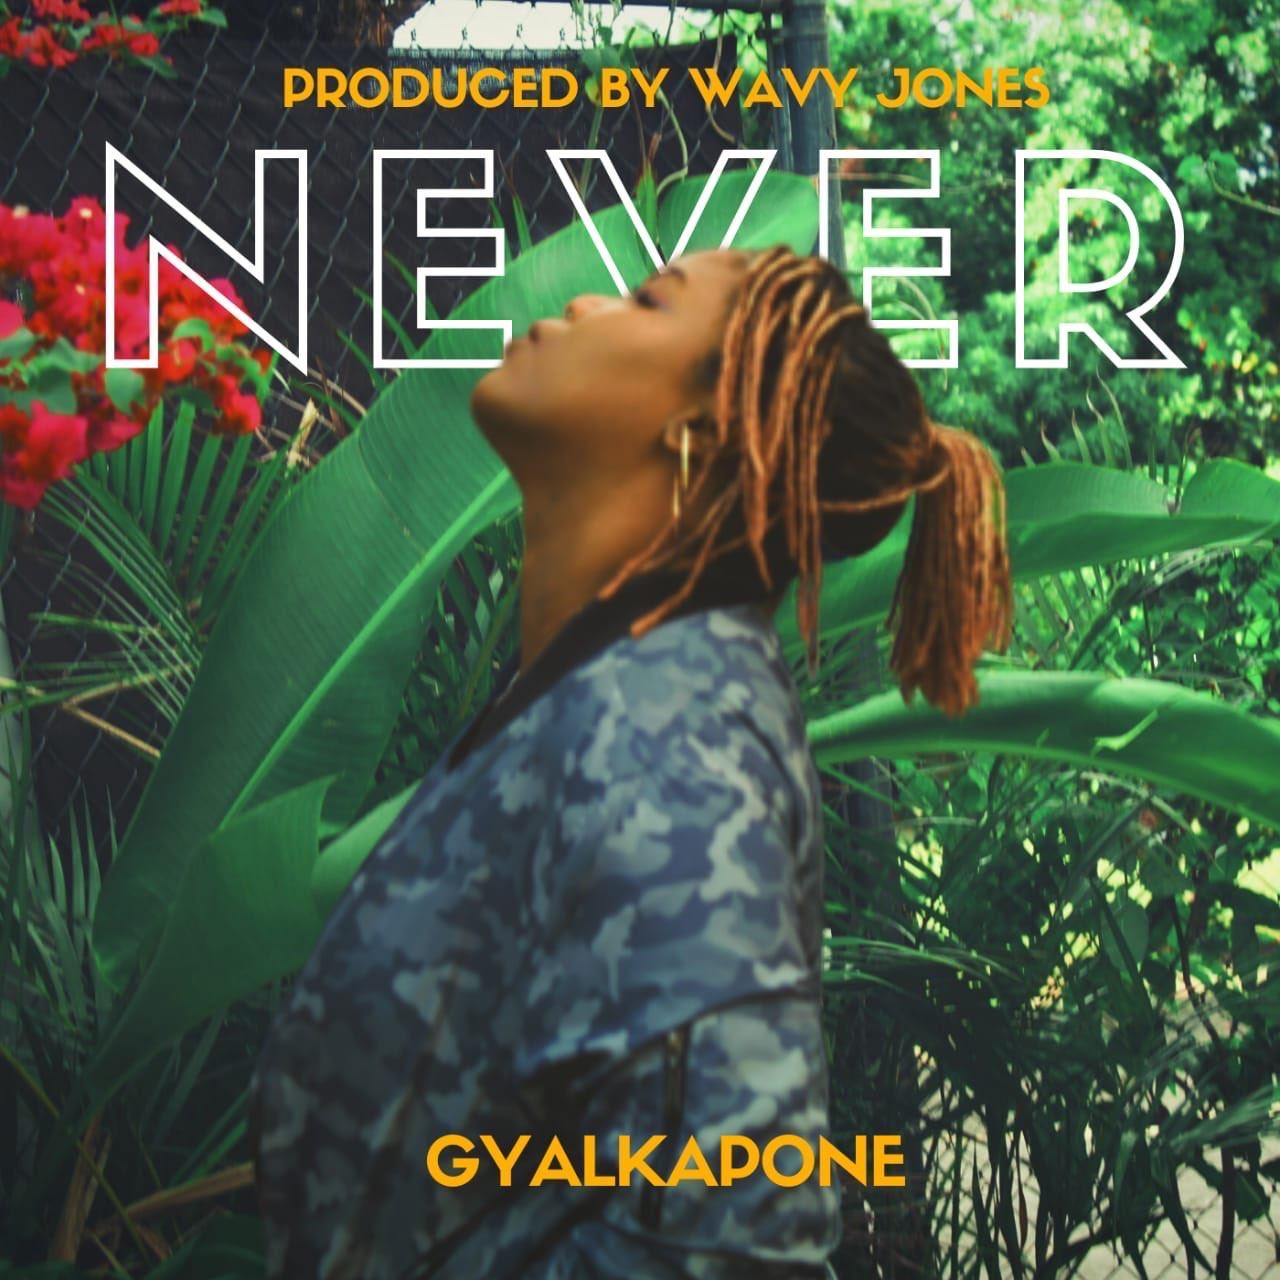 GyalKapone Wavy Jones Never Music Dancehall Pop Blog 13thStreetPromotions 13thStreetPromo Caribbean Heartbreak Kamoey Ng-You Singer 13th Street Visuals